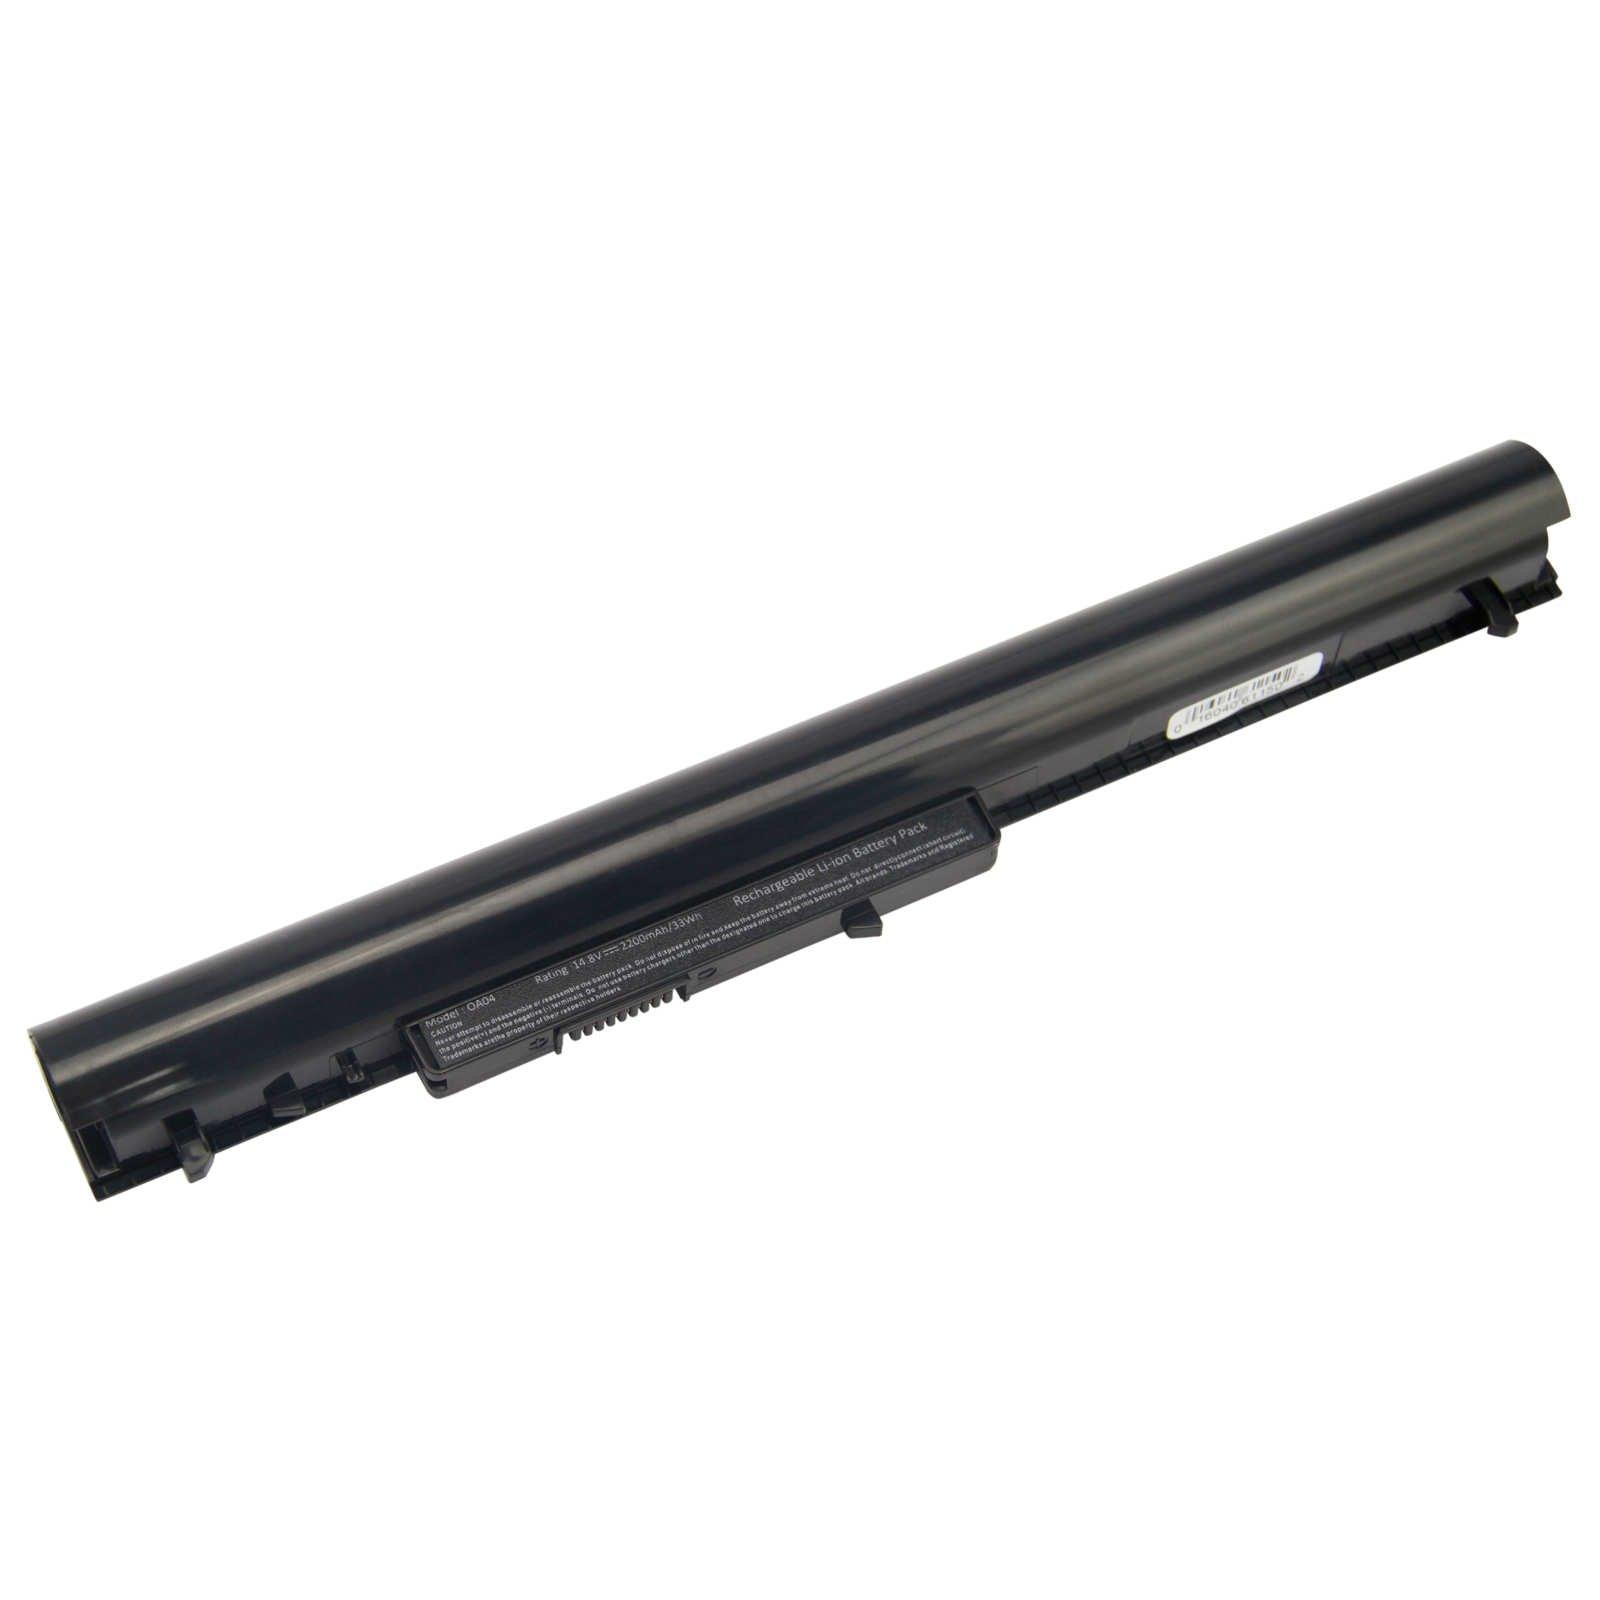 Fancy Buying Battery For HP 15-G057CL 15-D035DX 15-g013dx 15-D 15-D037DX 15-G070NR 15.6'' HSTNN-LB5Y OA03 14.8V